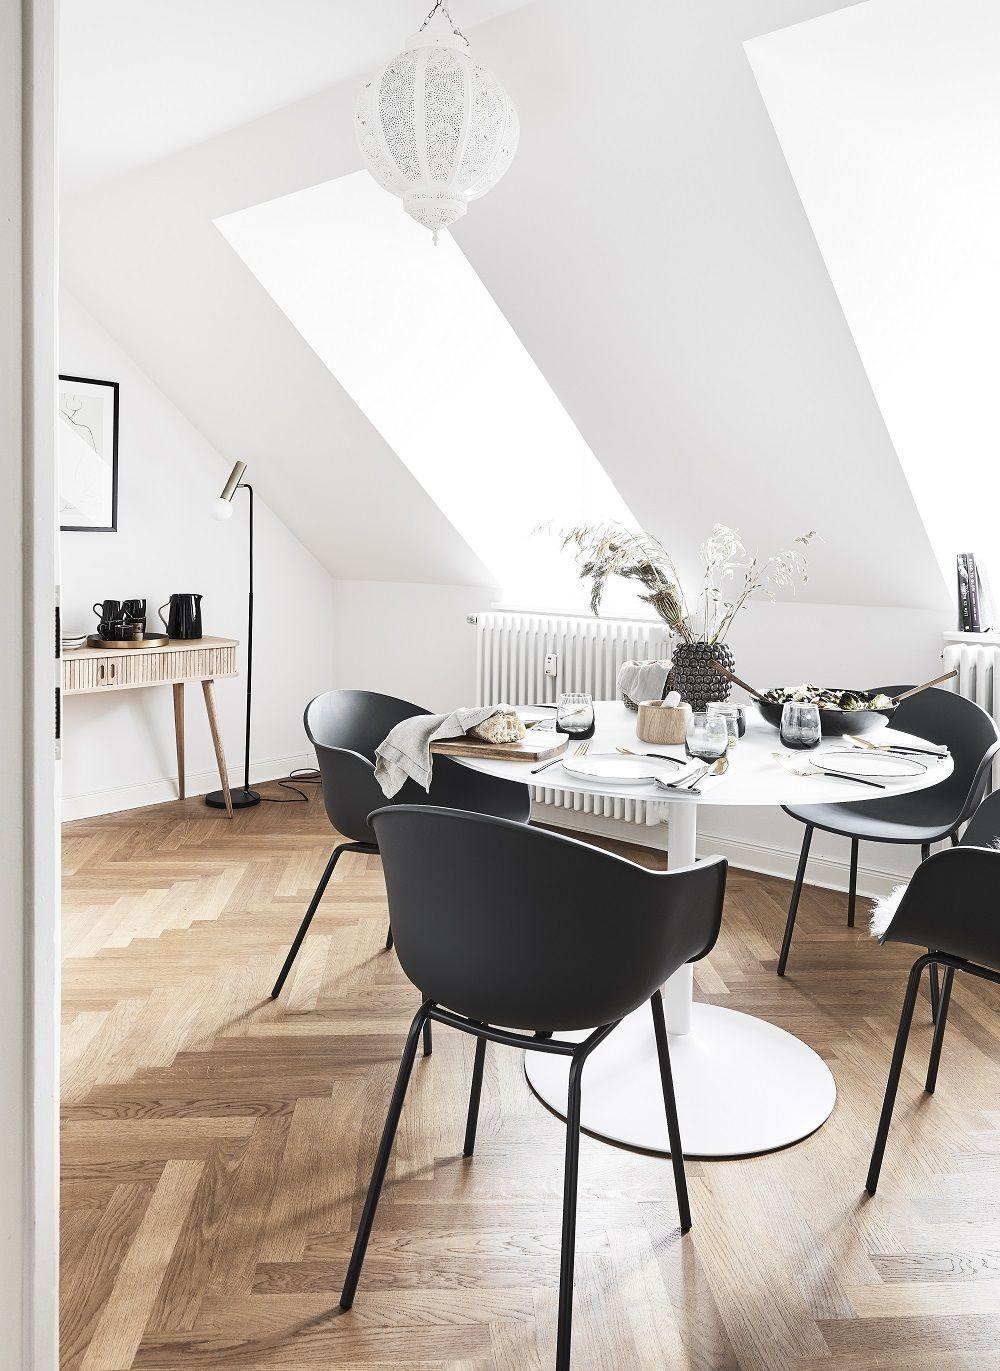 nordische eleganz der esstisch antigua sorgt f r skandinavische vibes in deinem esszimmer das. Black Bedroom Furniture Sets. Home Design Ideas